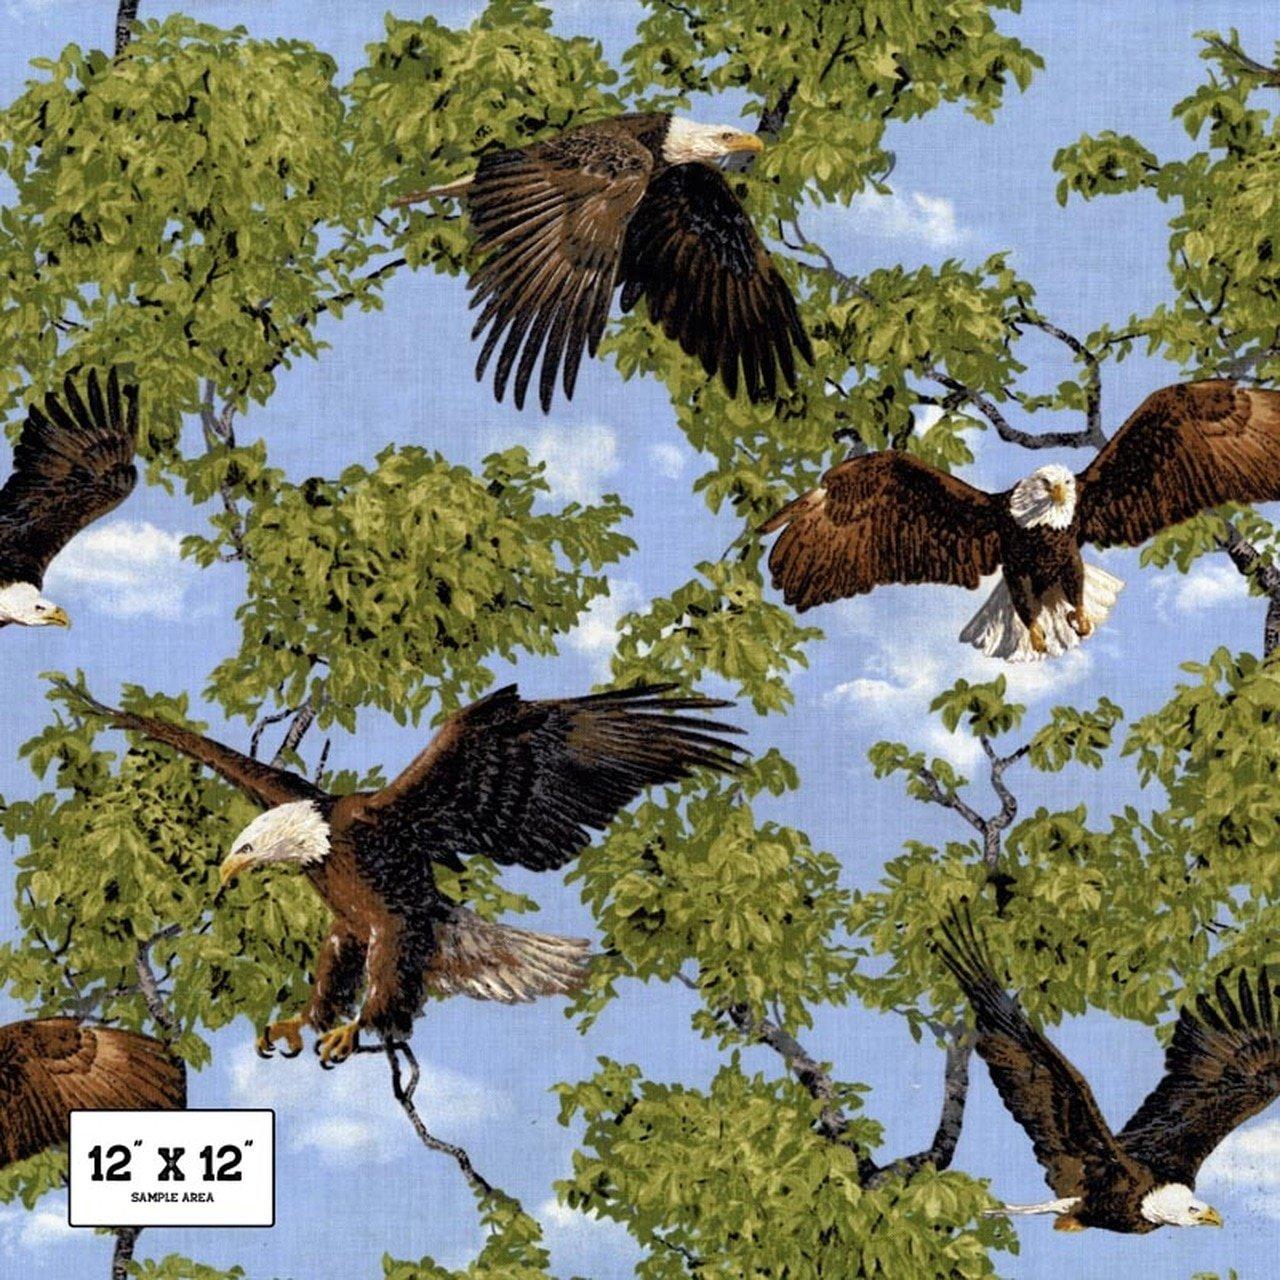 Soaring eagles on blue sky